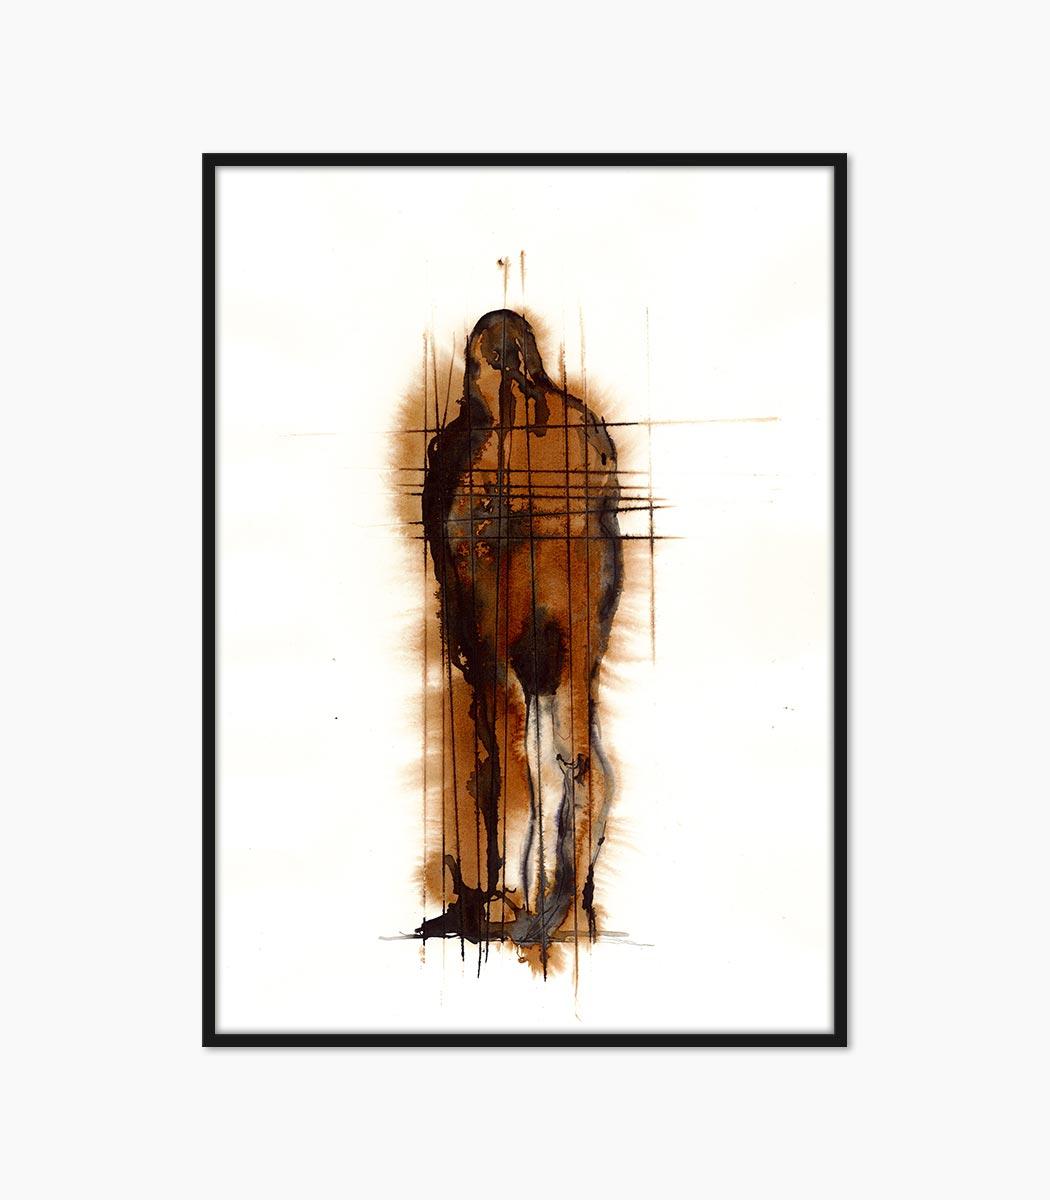 pictura cerneala creata manual si printata la calitate superioara numai pe www.artwall.ro